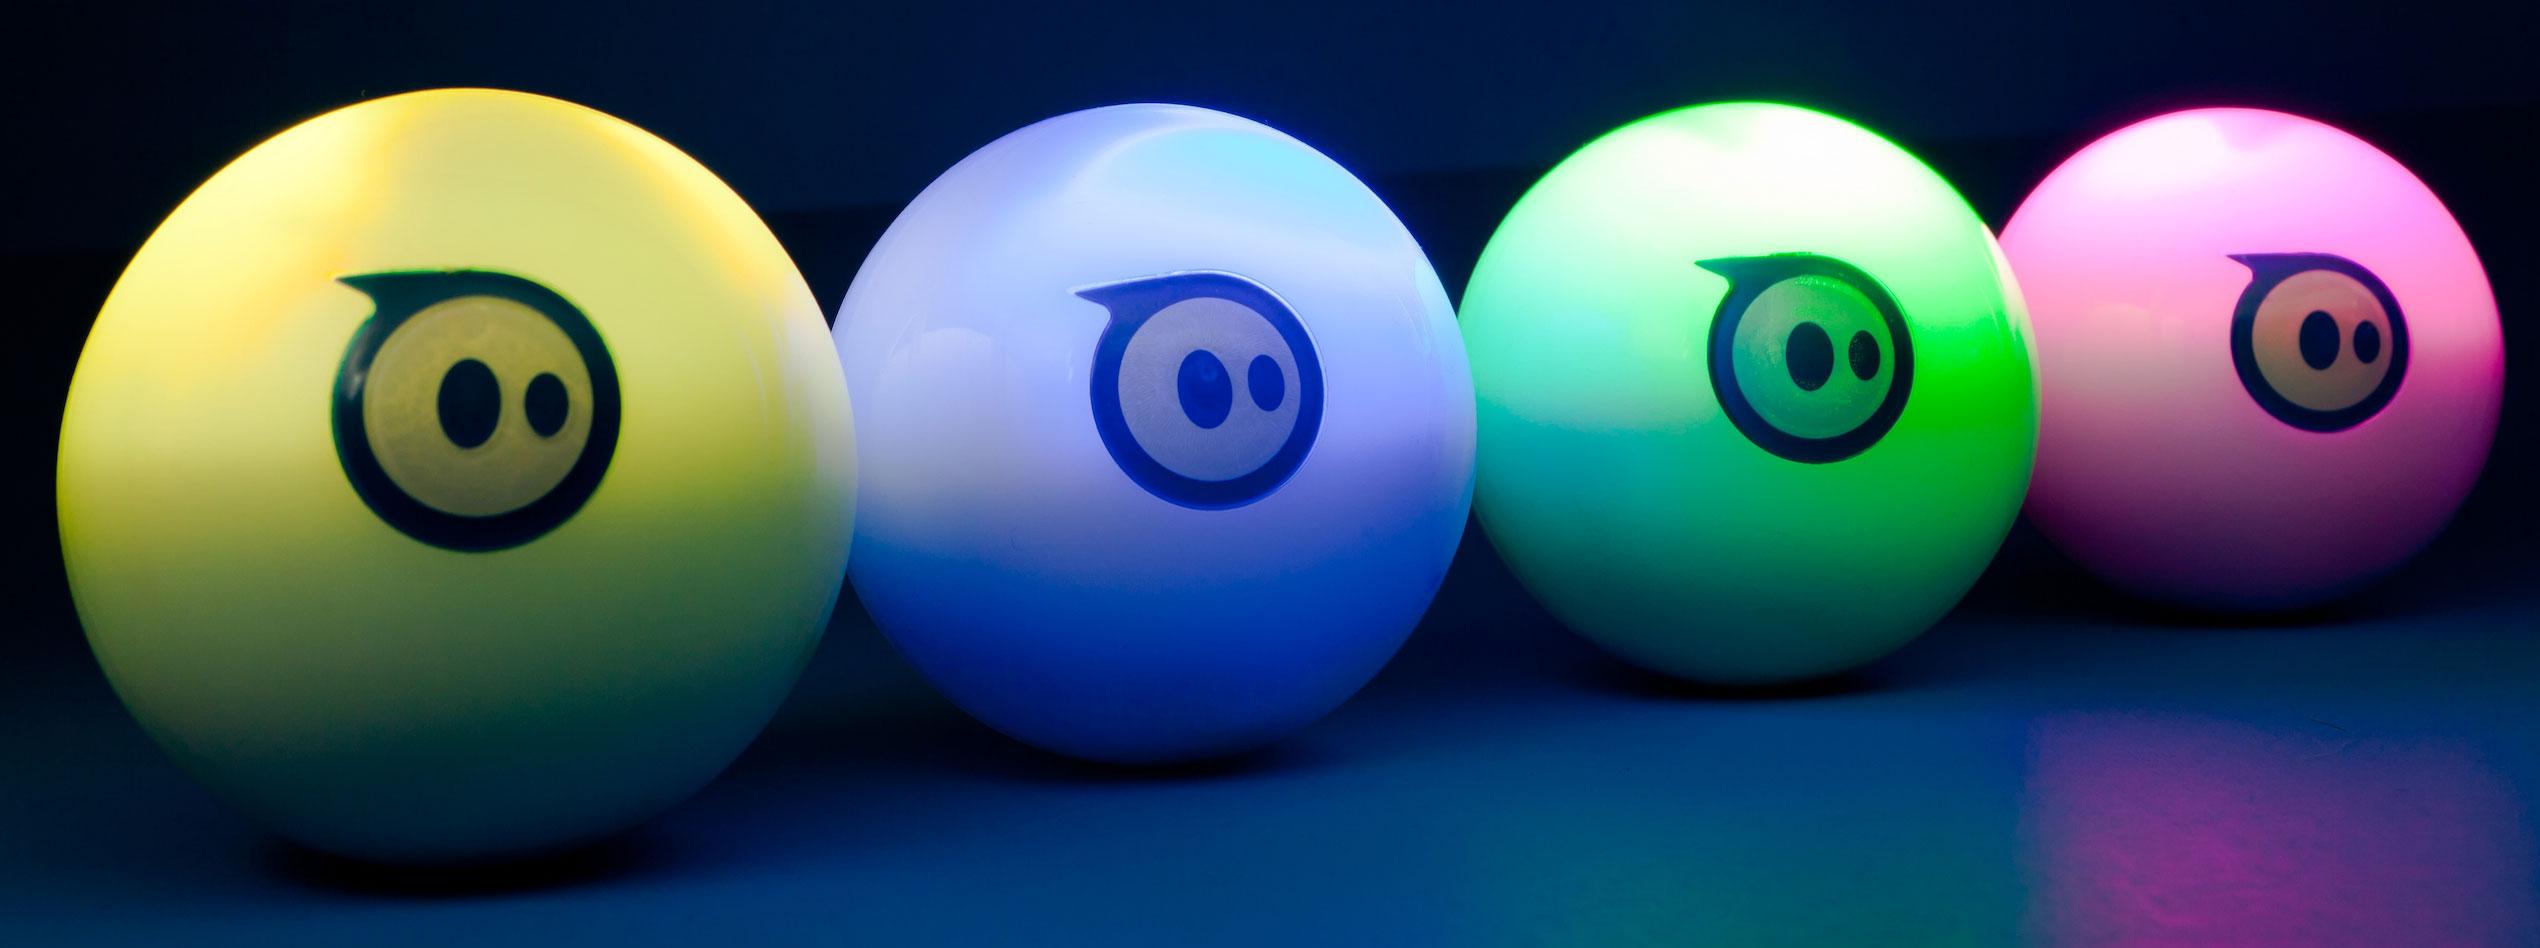 Spheros Group Glowing Colours